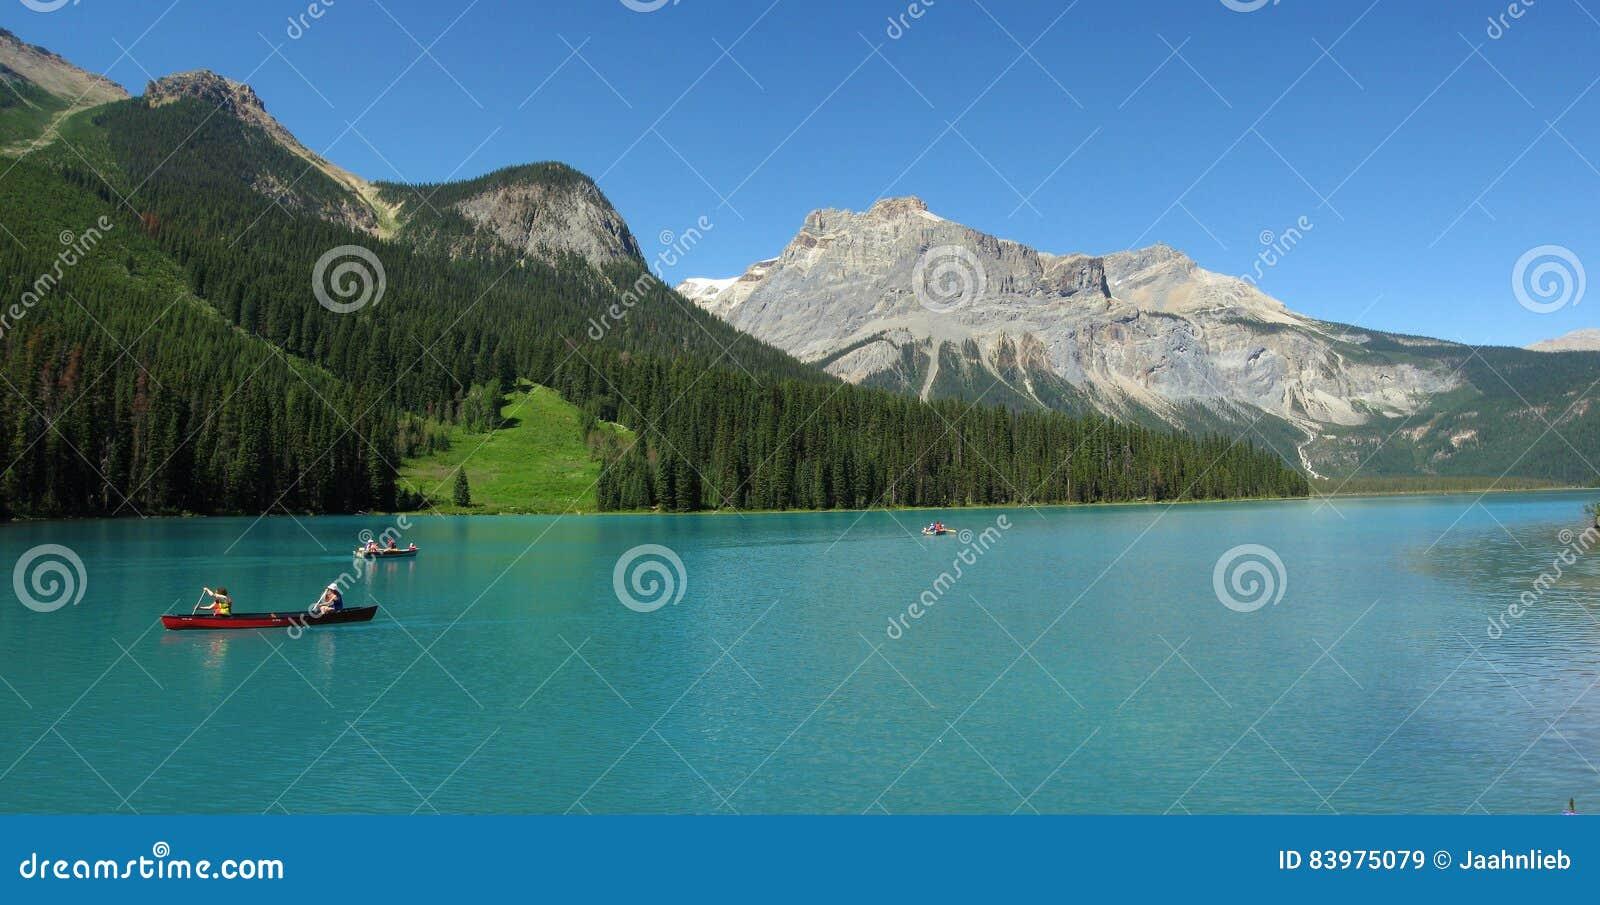 Czółna na Szmaragdowym jeziorze, Yoho park narodowy, kolumbiowie brytyjska